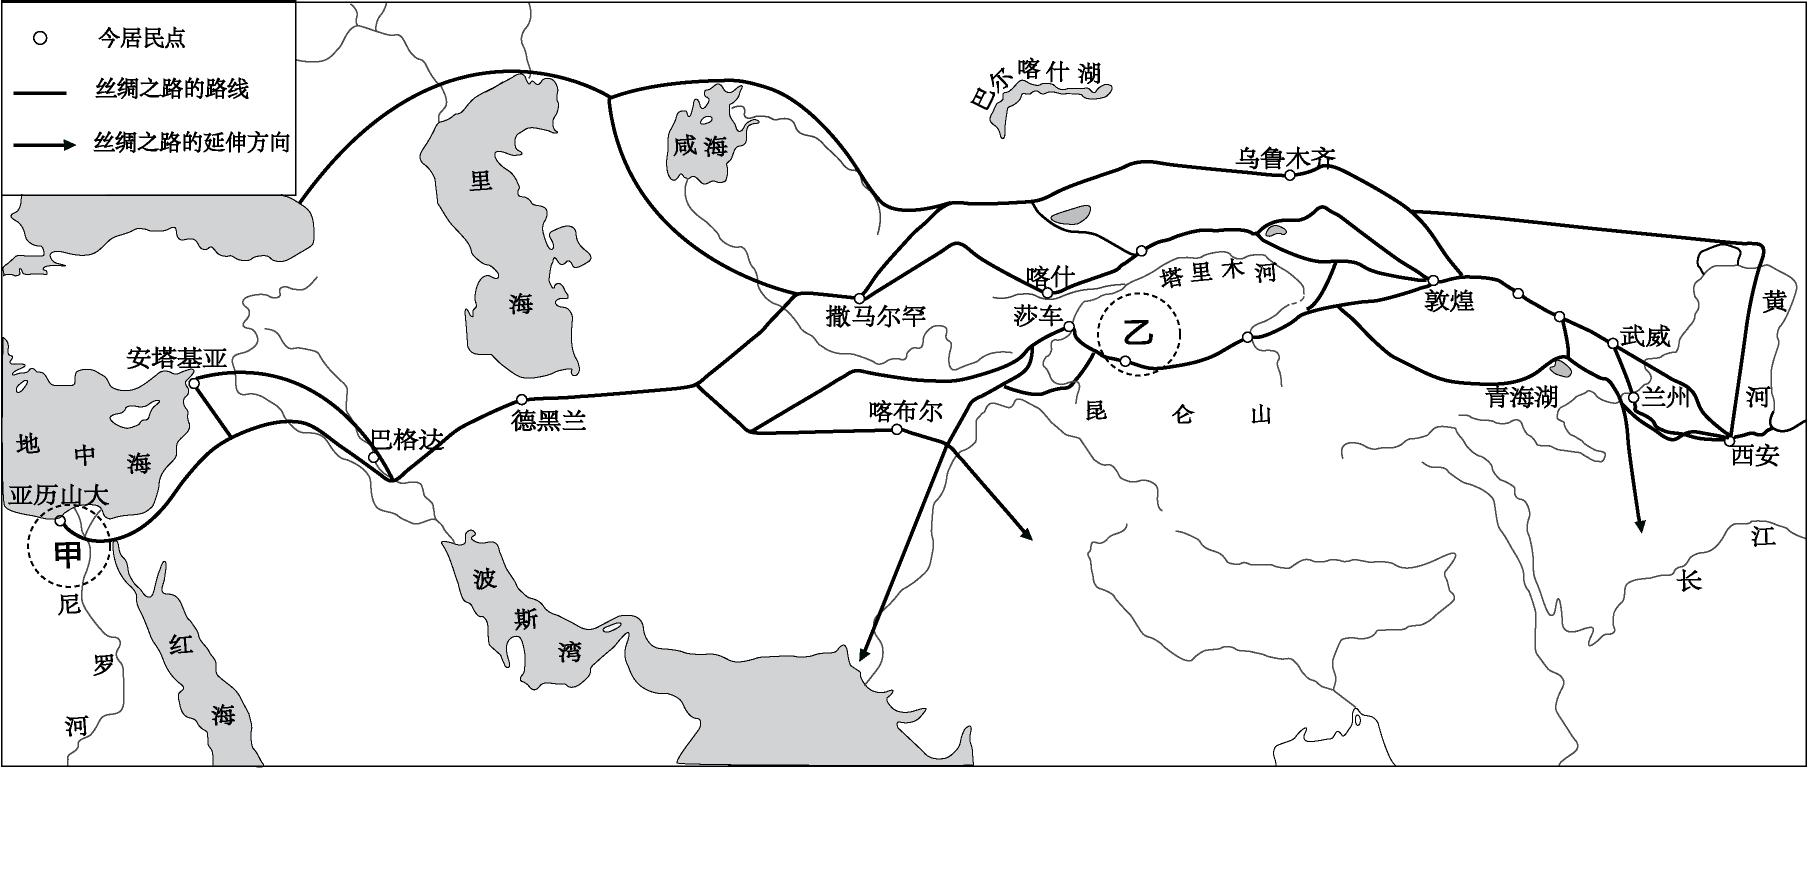 中国地图简笔画可爱